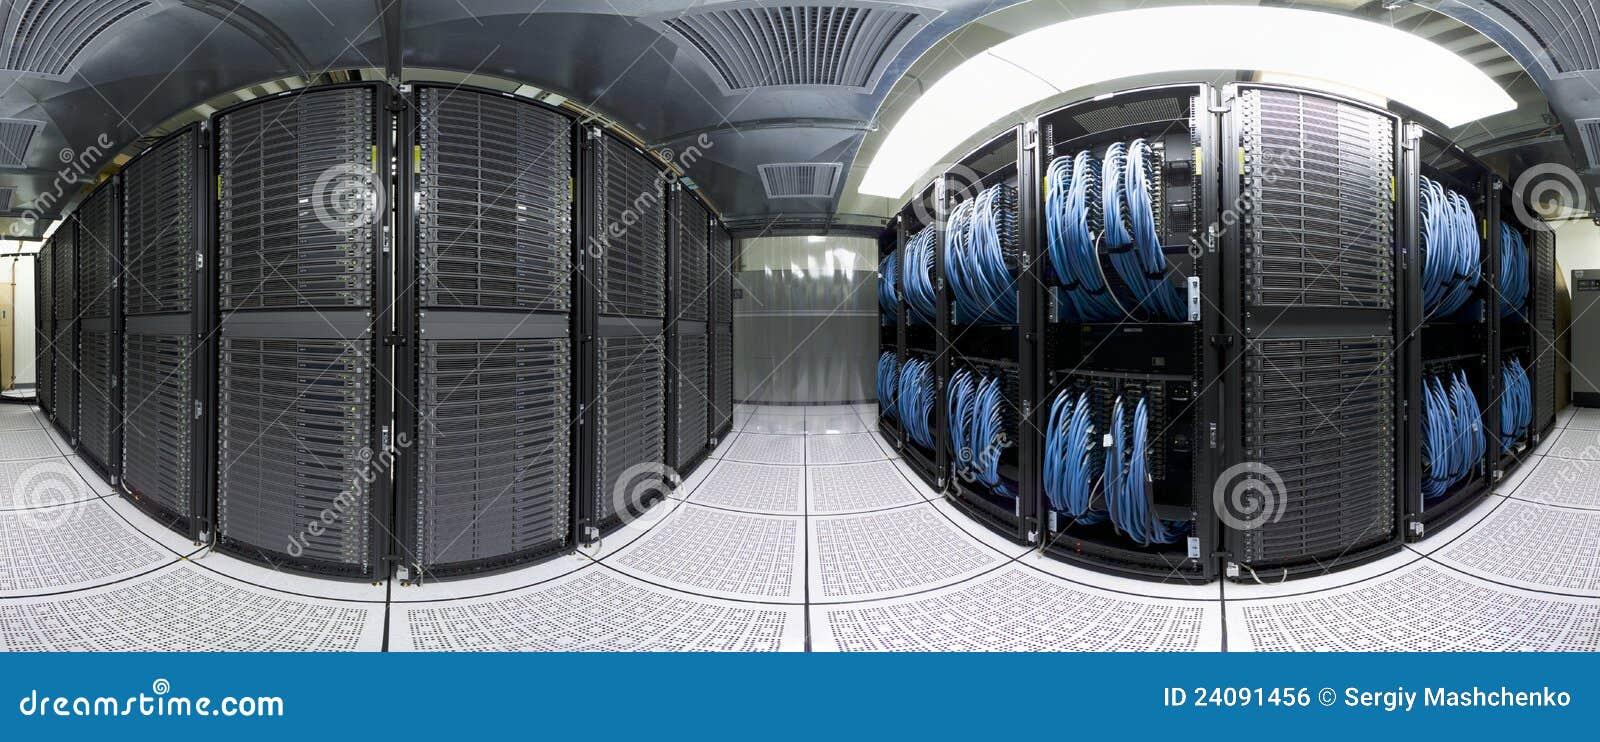 Datacenter Panorama